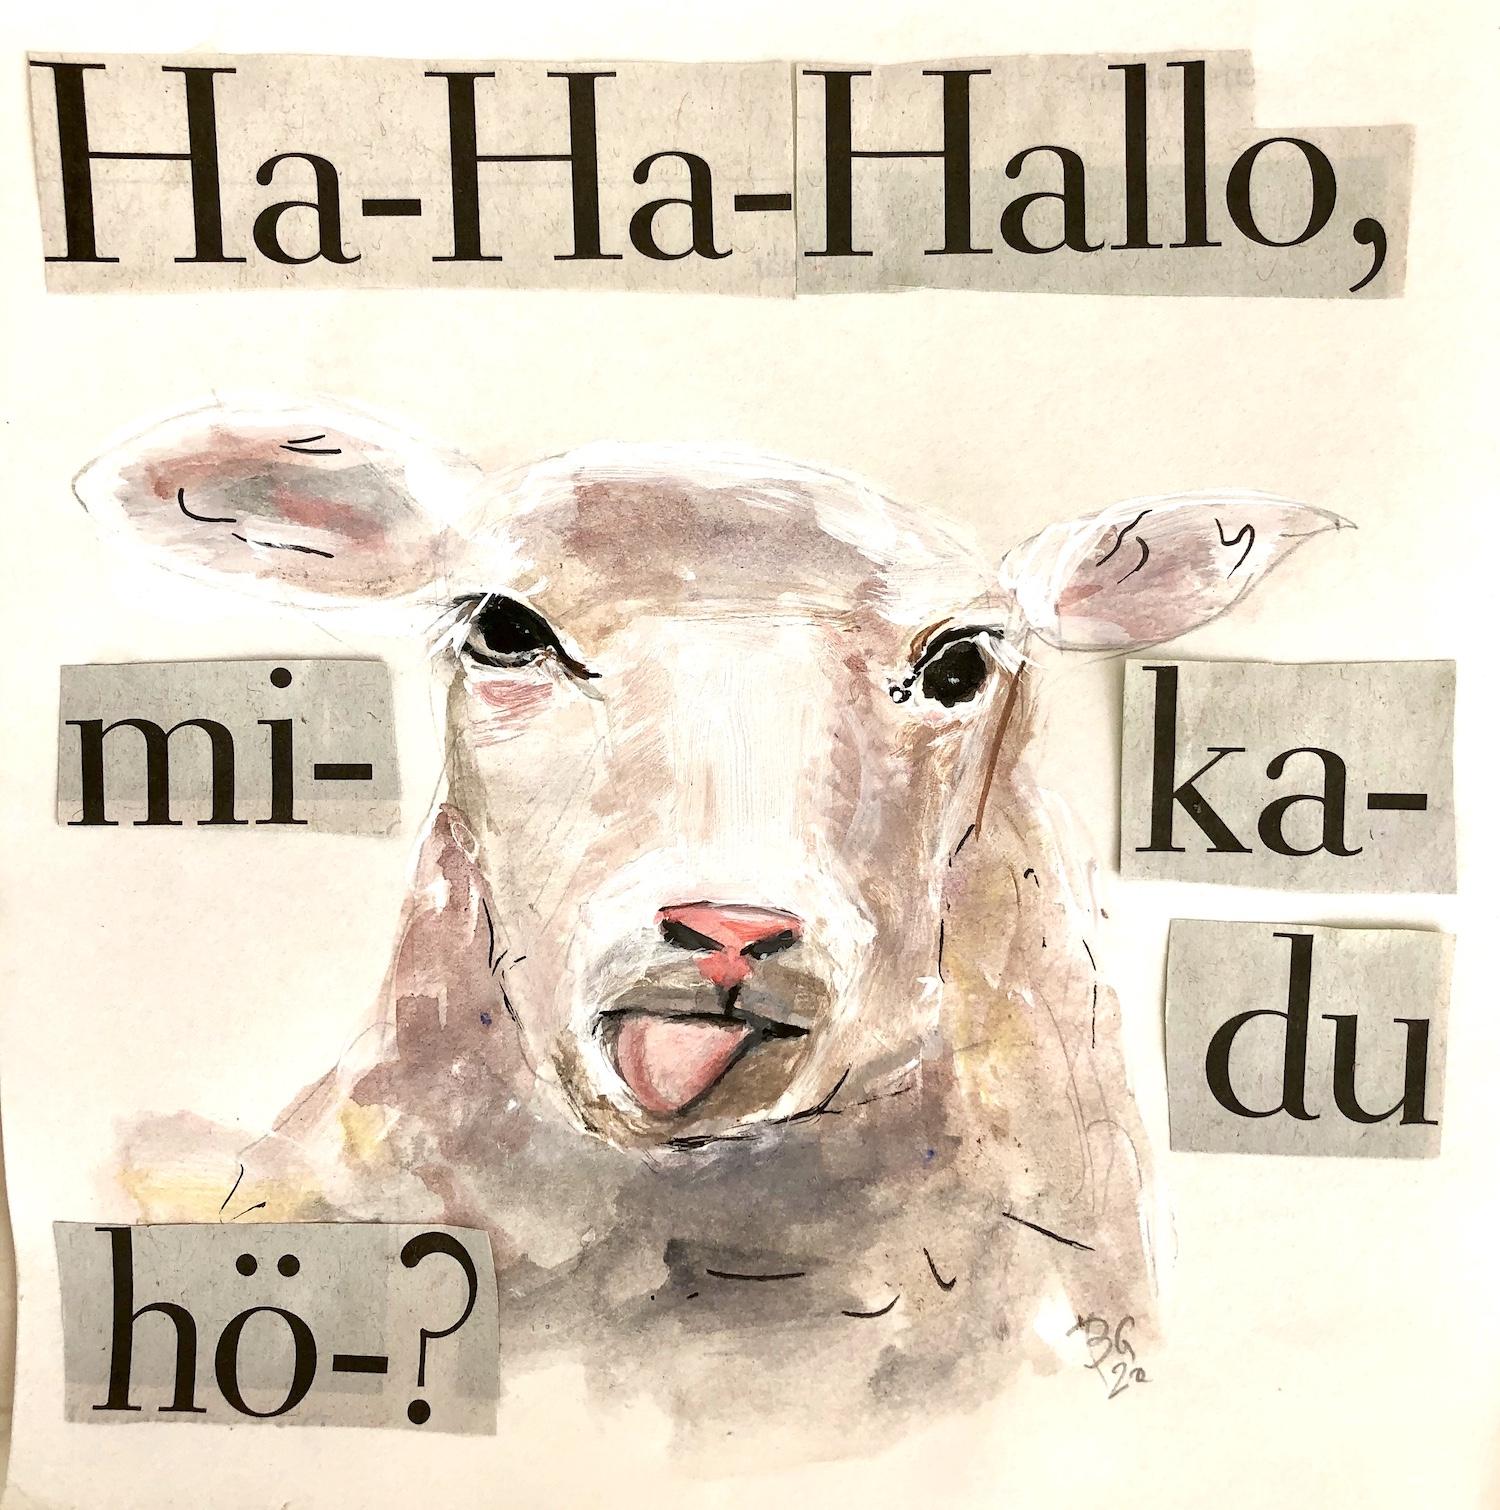 HA-HA-HALLO